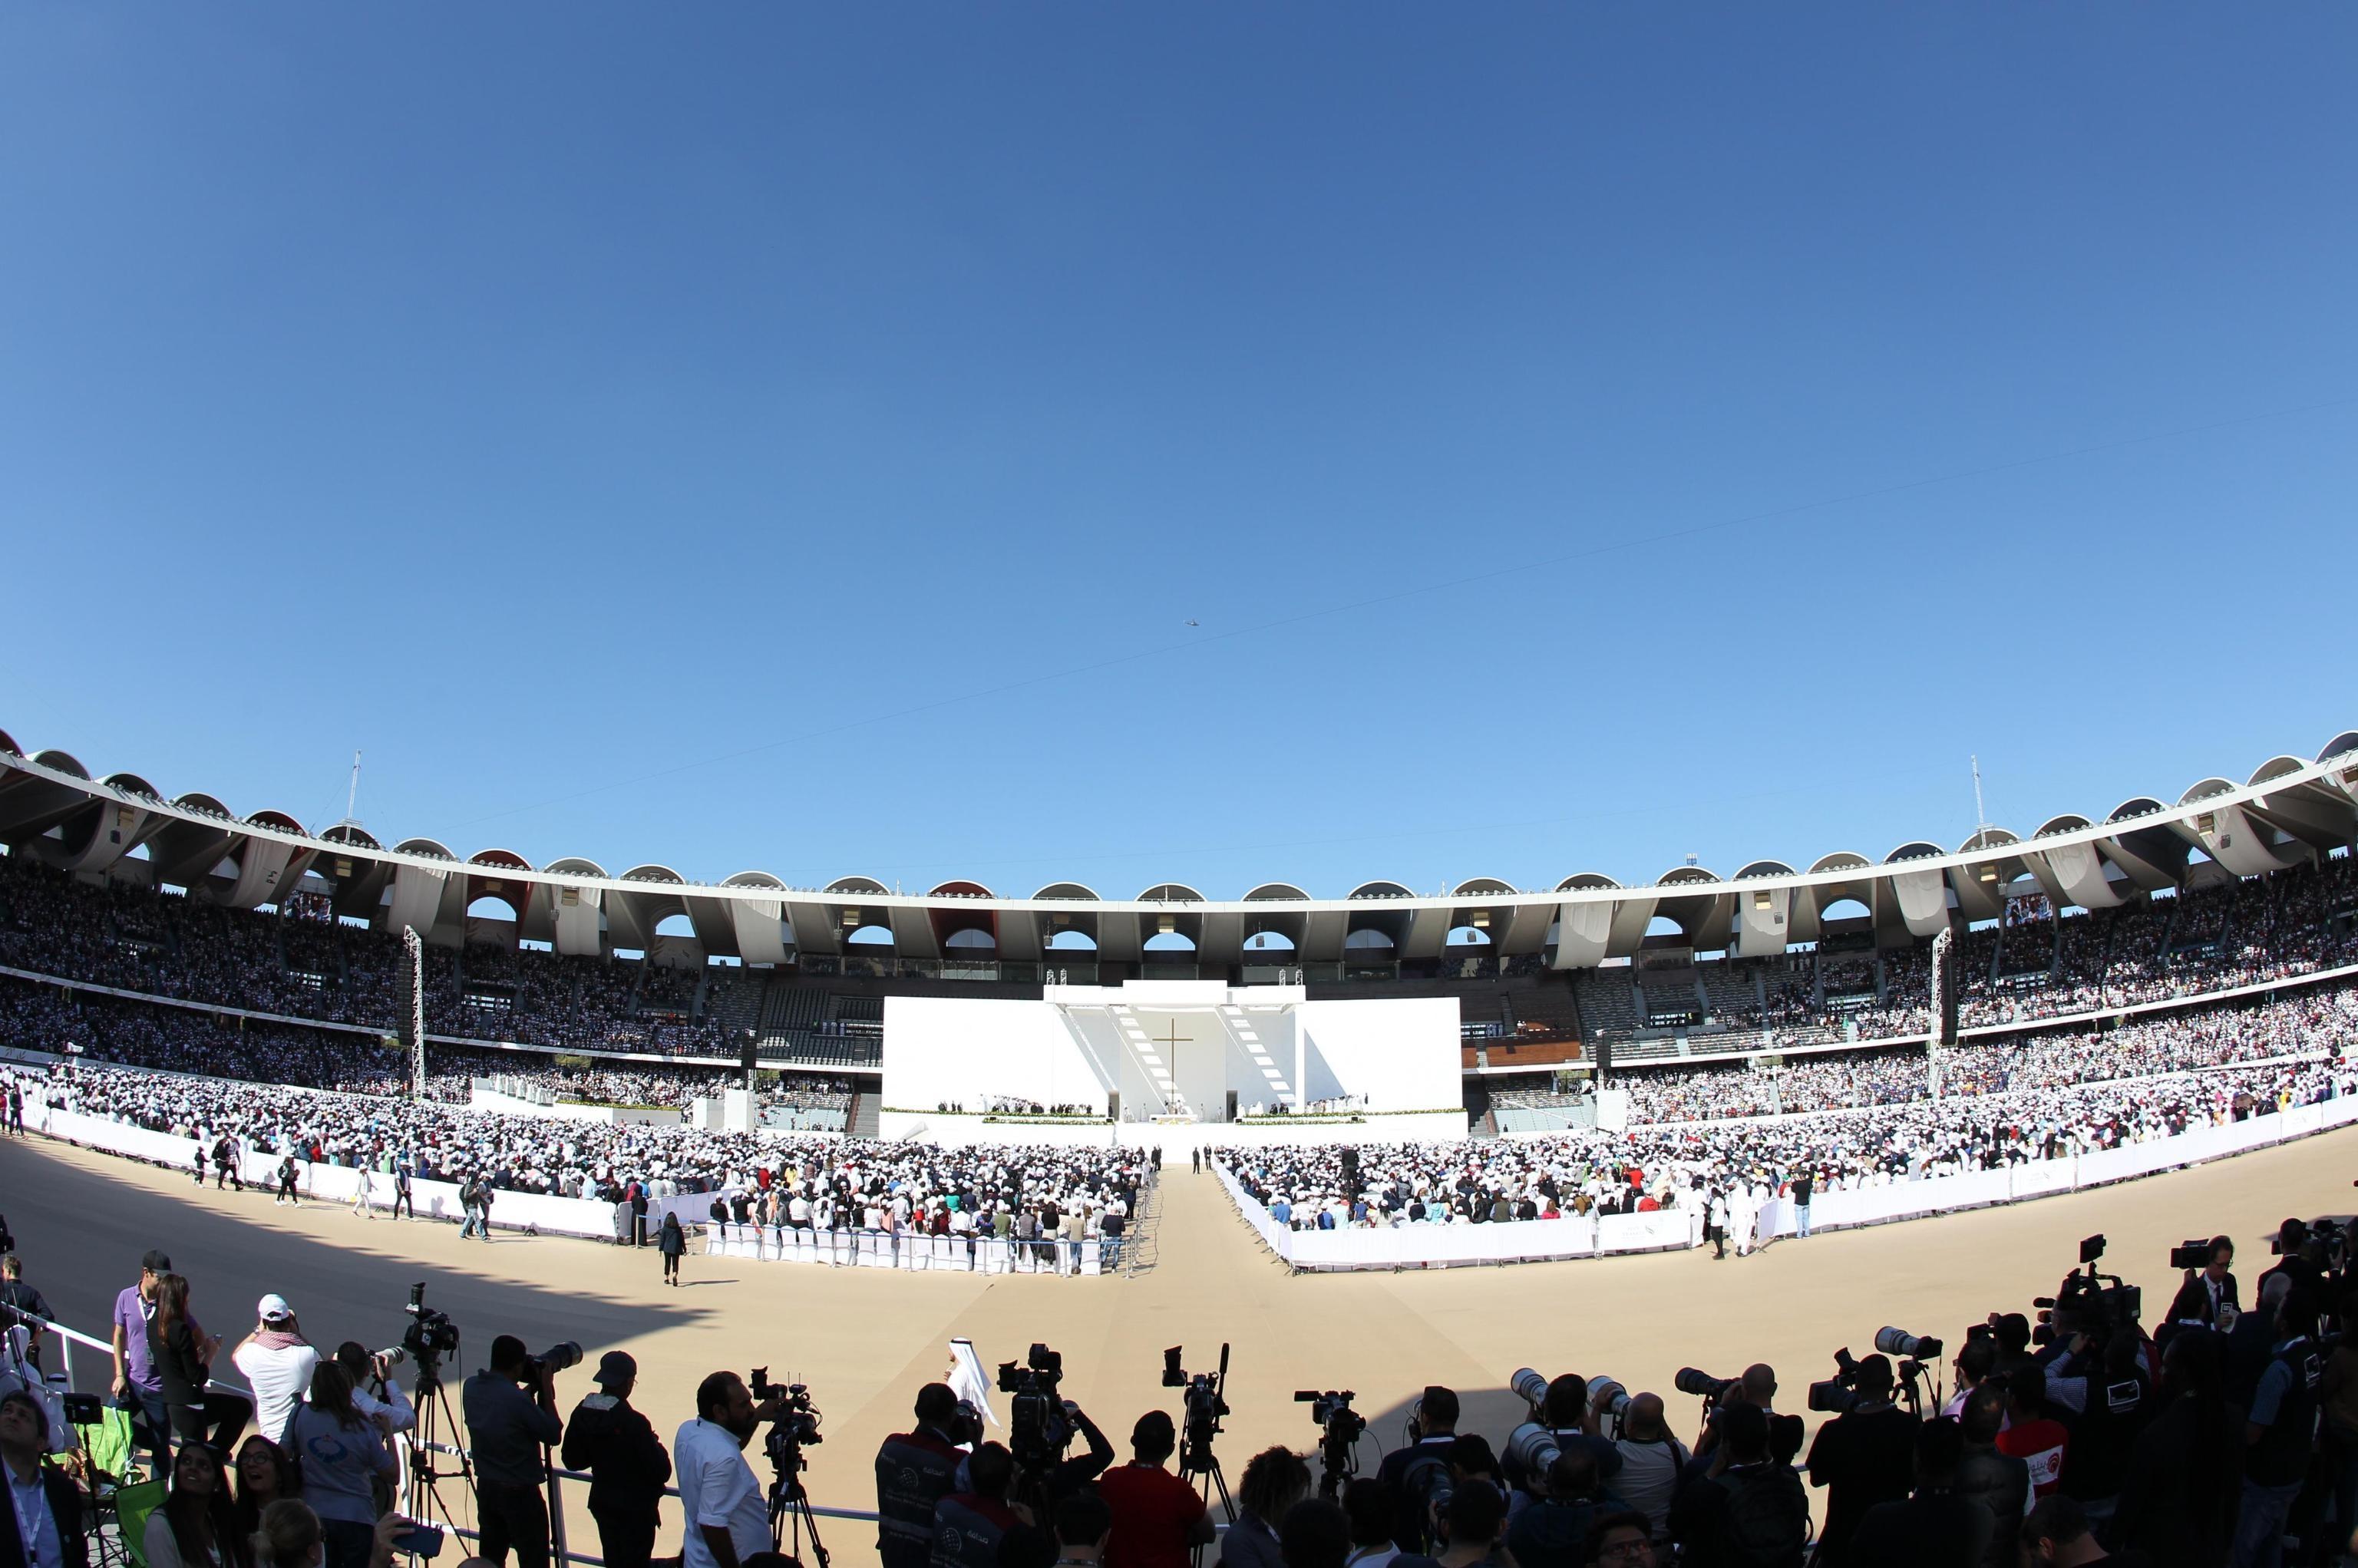 Una panoramica dello Zayed Sports City